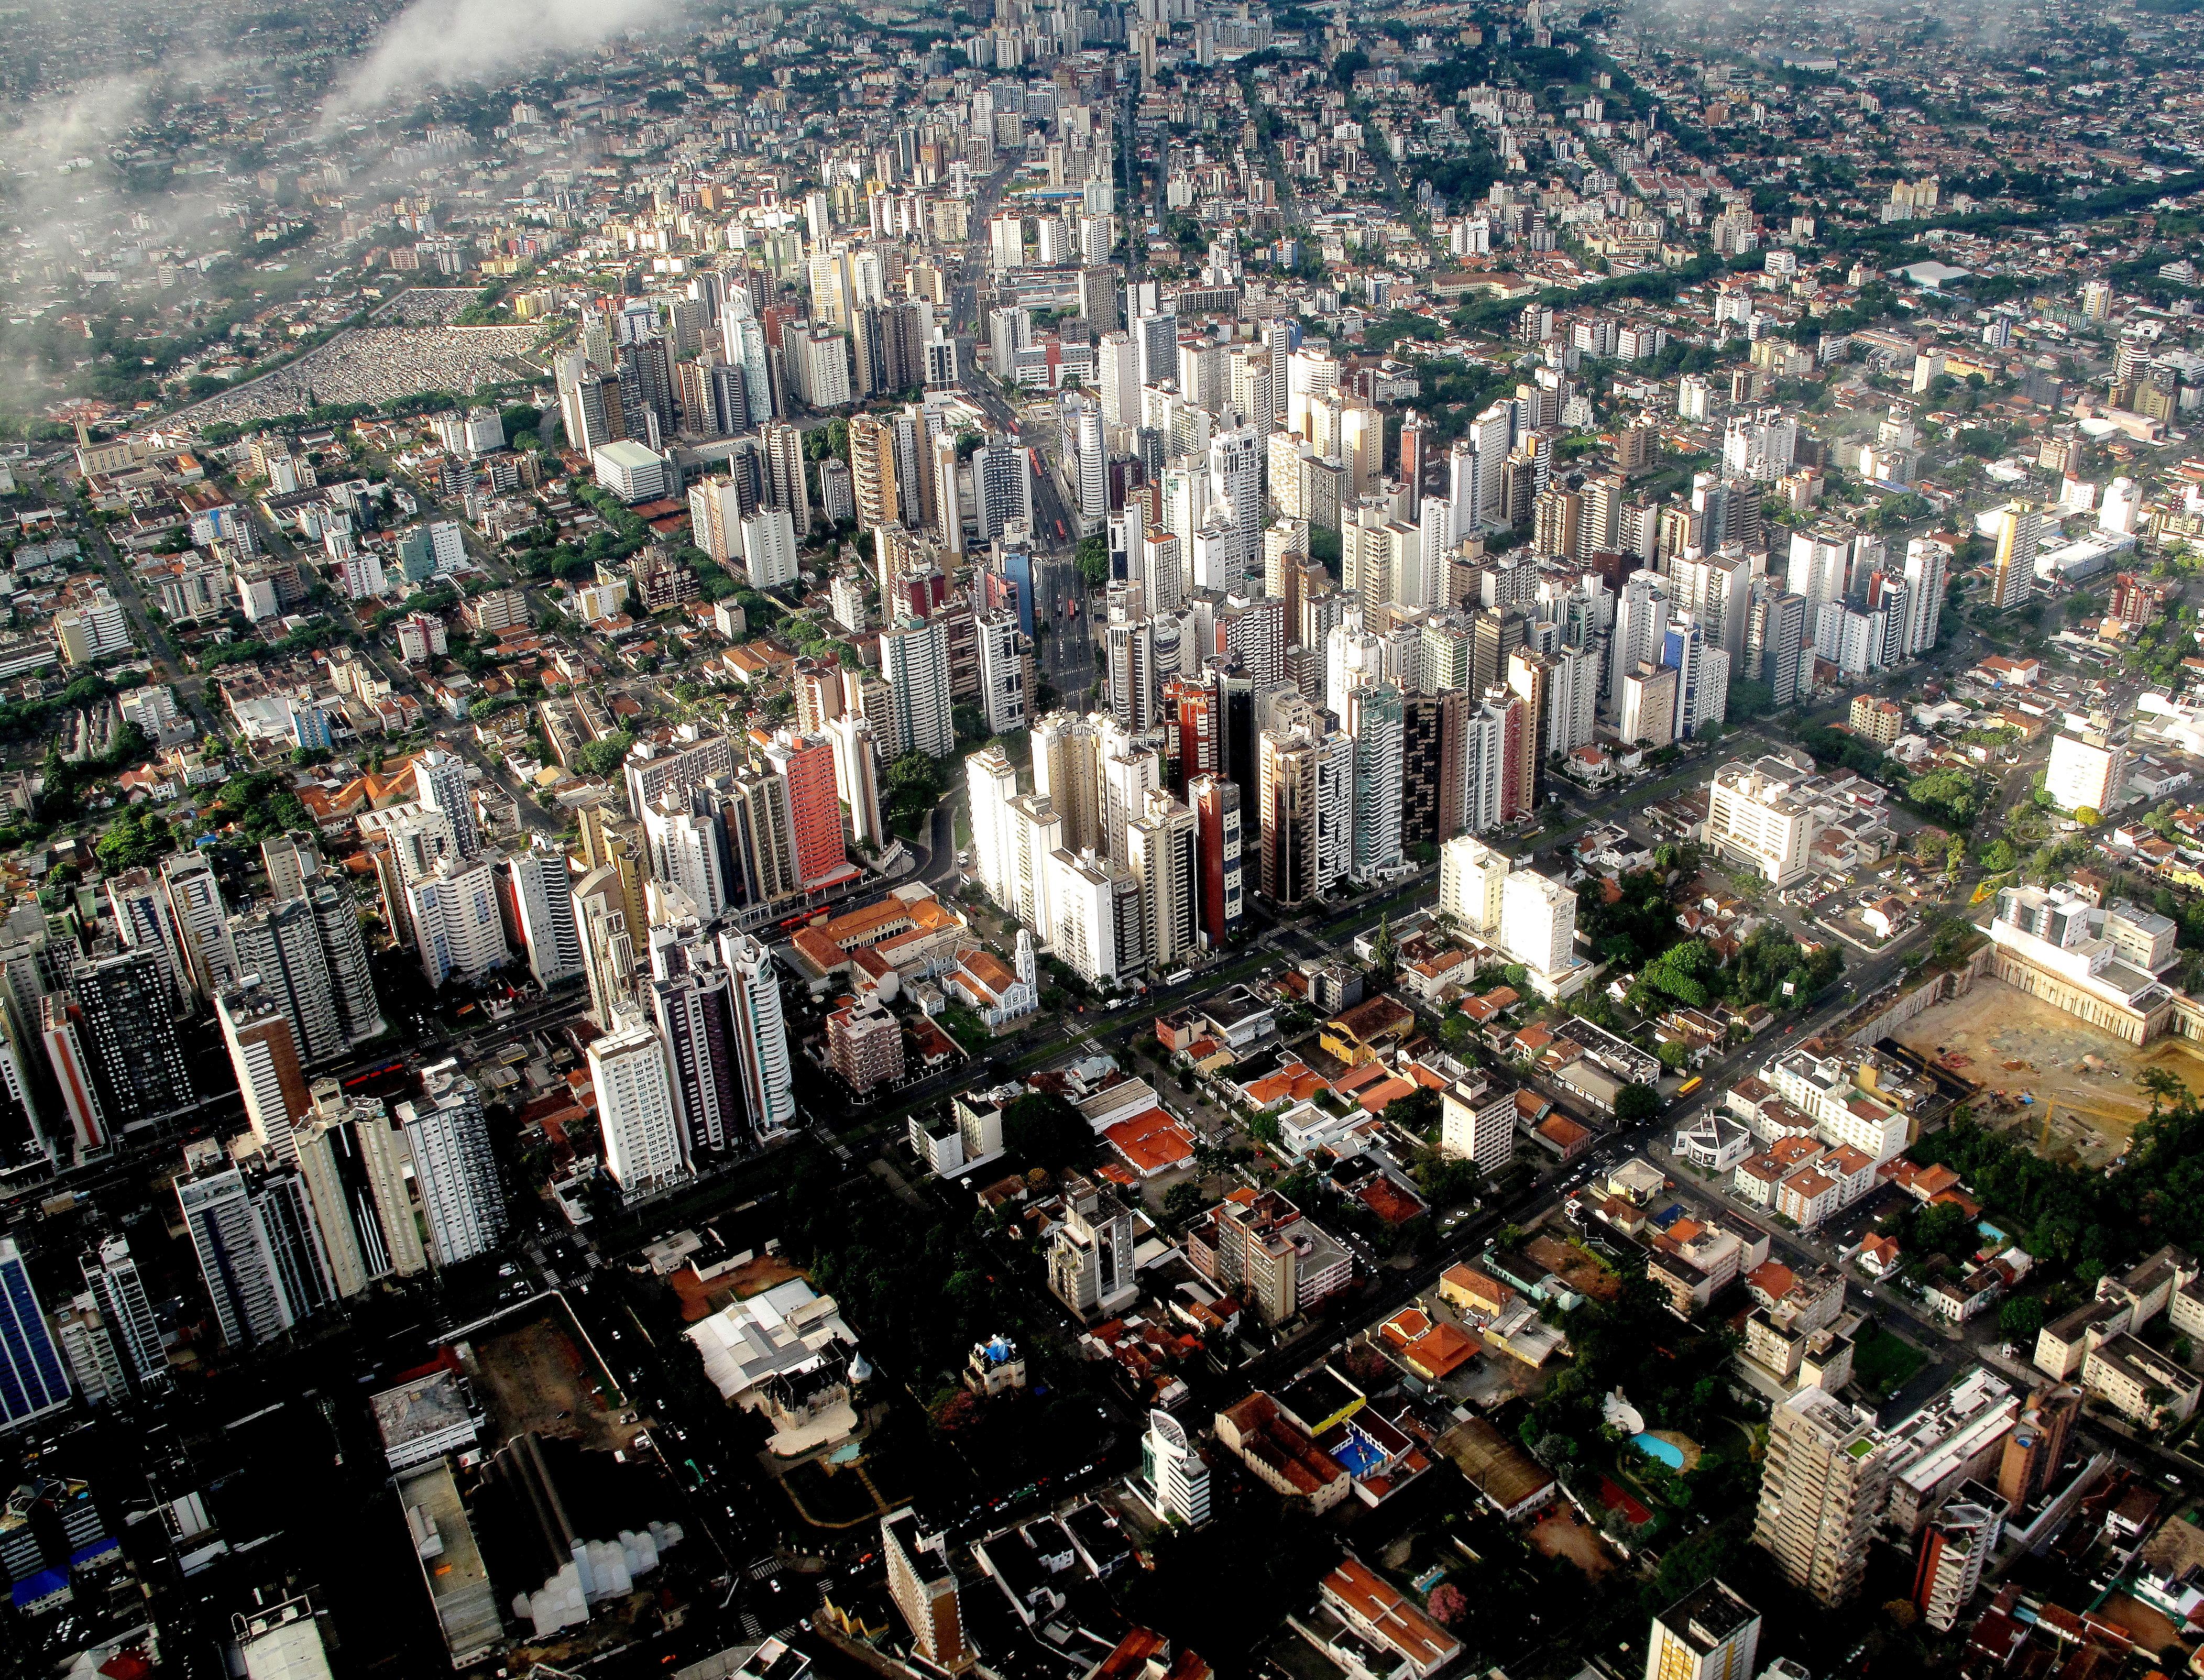 Curitiba_Centro, 2010